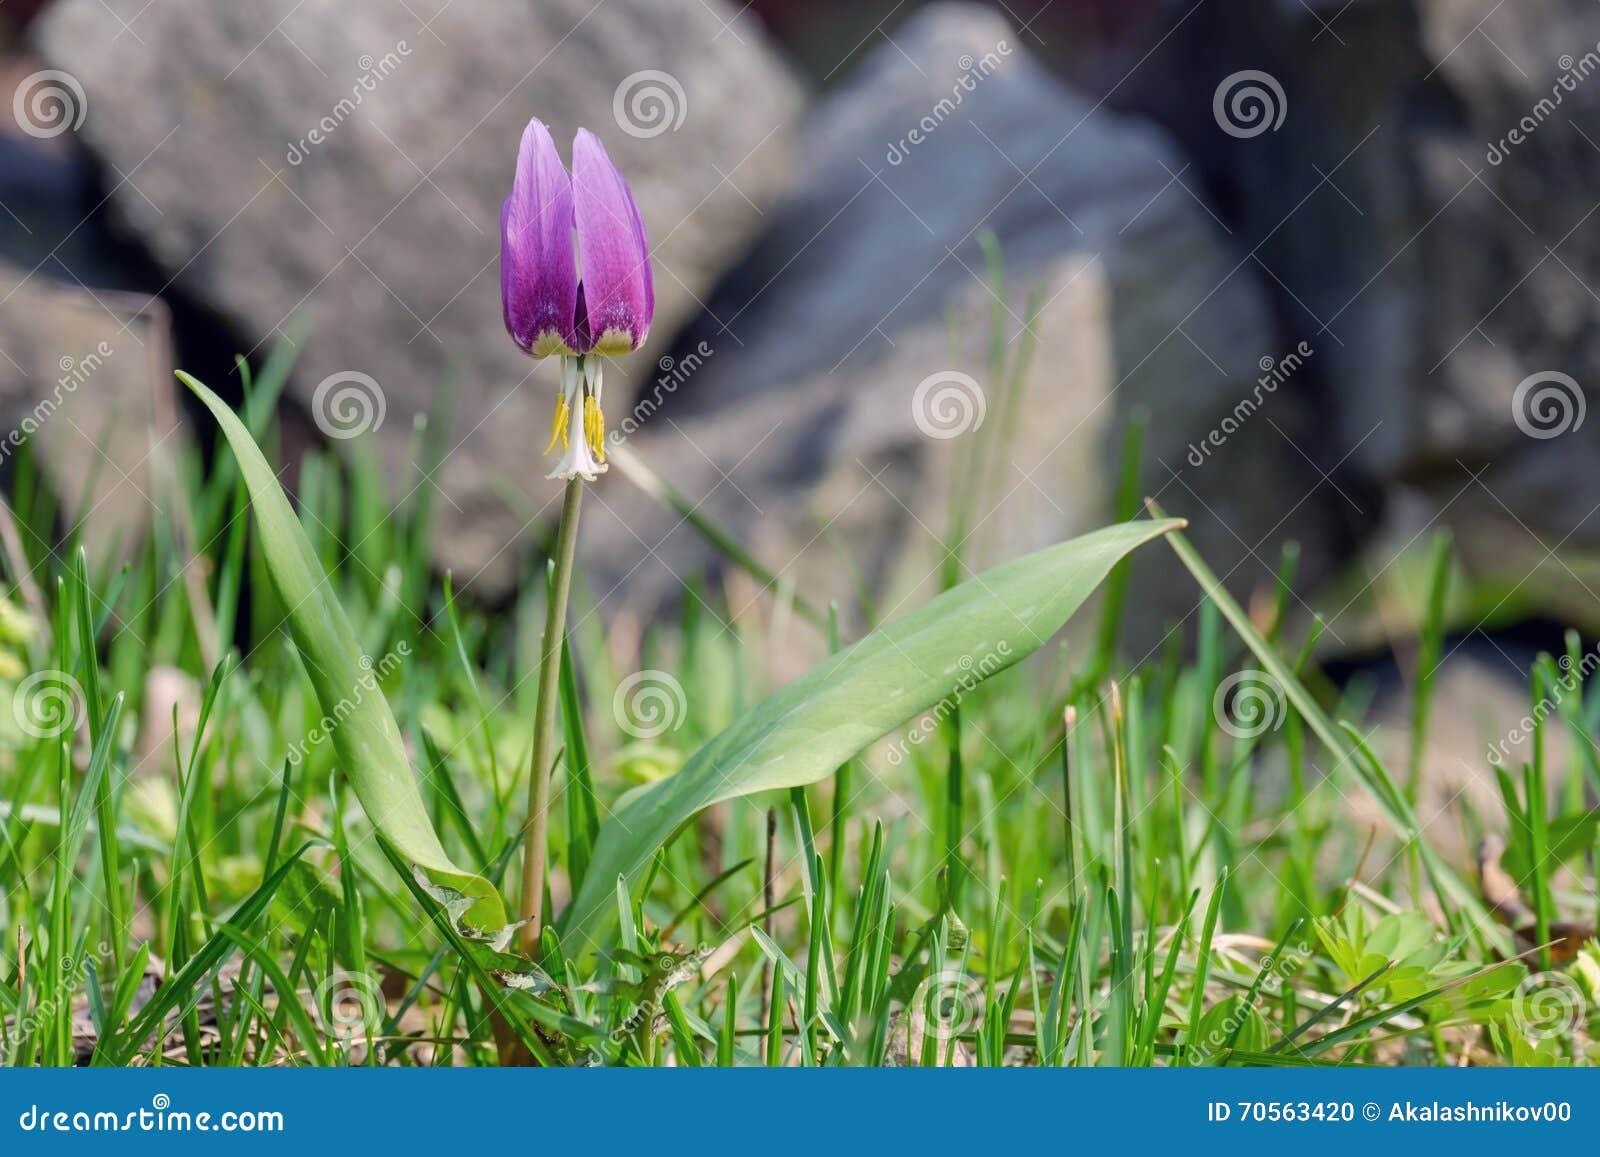 Erste Fruhlingsblumen Stockfoto Bild Von Garten Frech 70563420